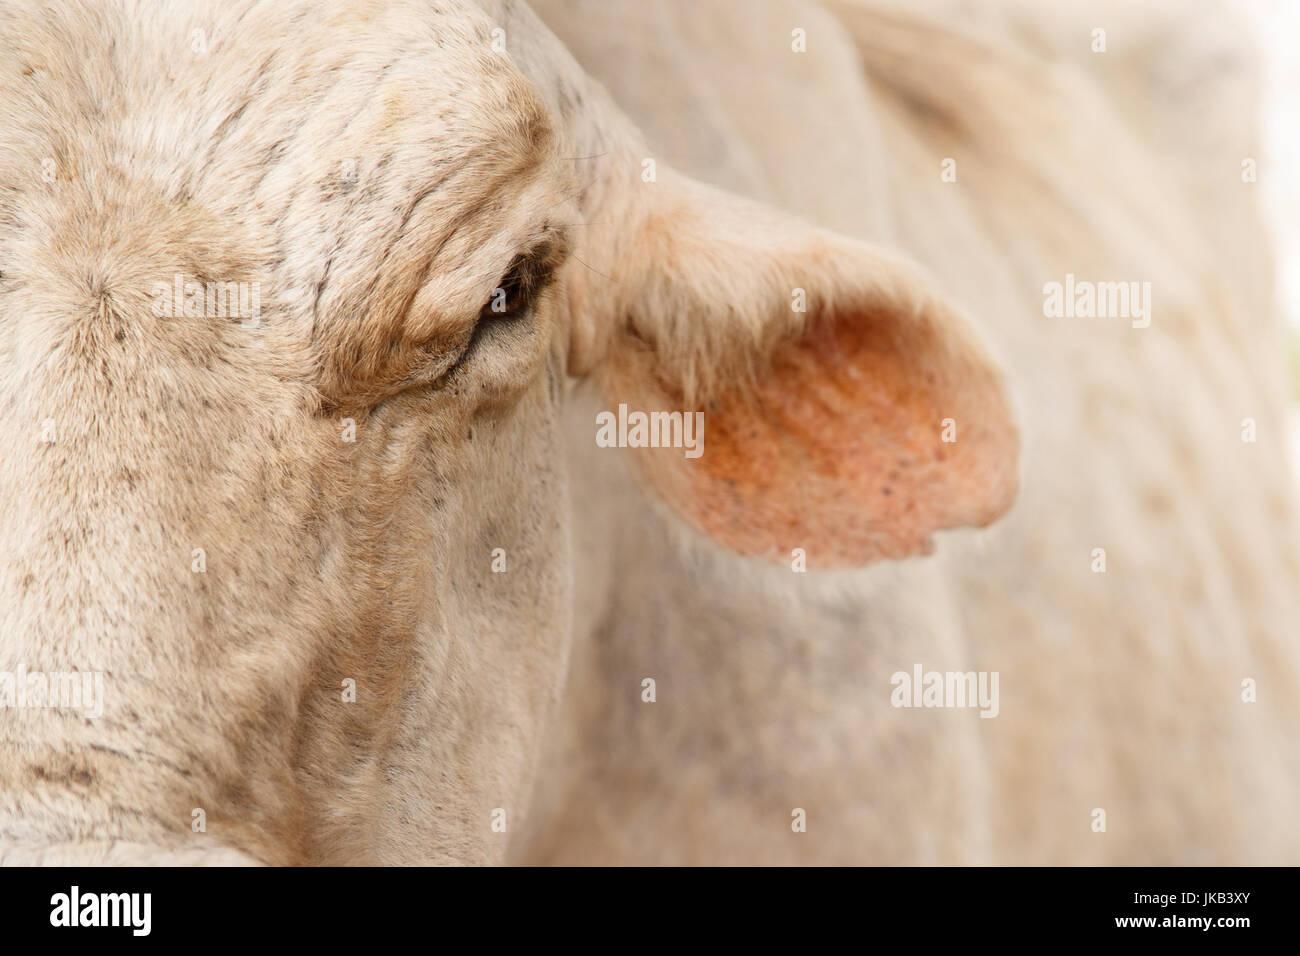 Alltag im Bauernhof mit Kühen auf dem Lande. Nahaufnahme der Kuh Körper, Rinder im Stall Stockbild